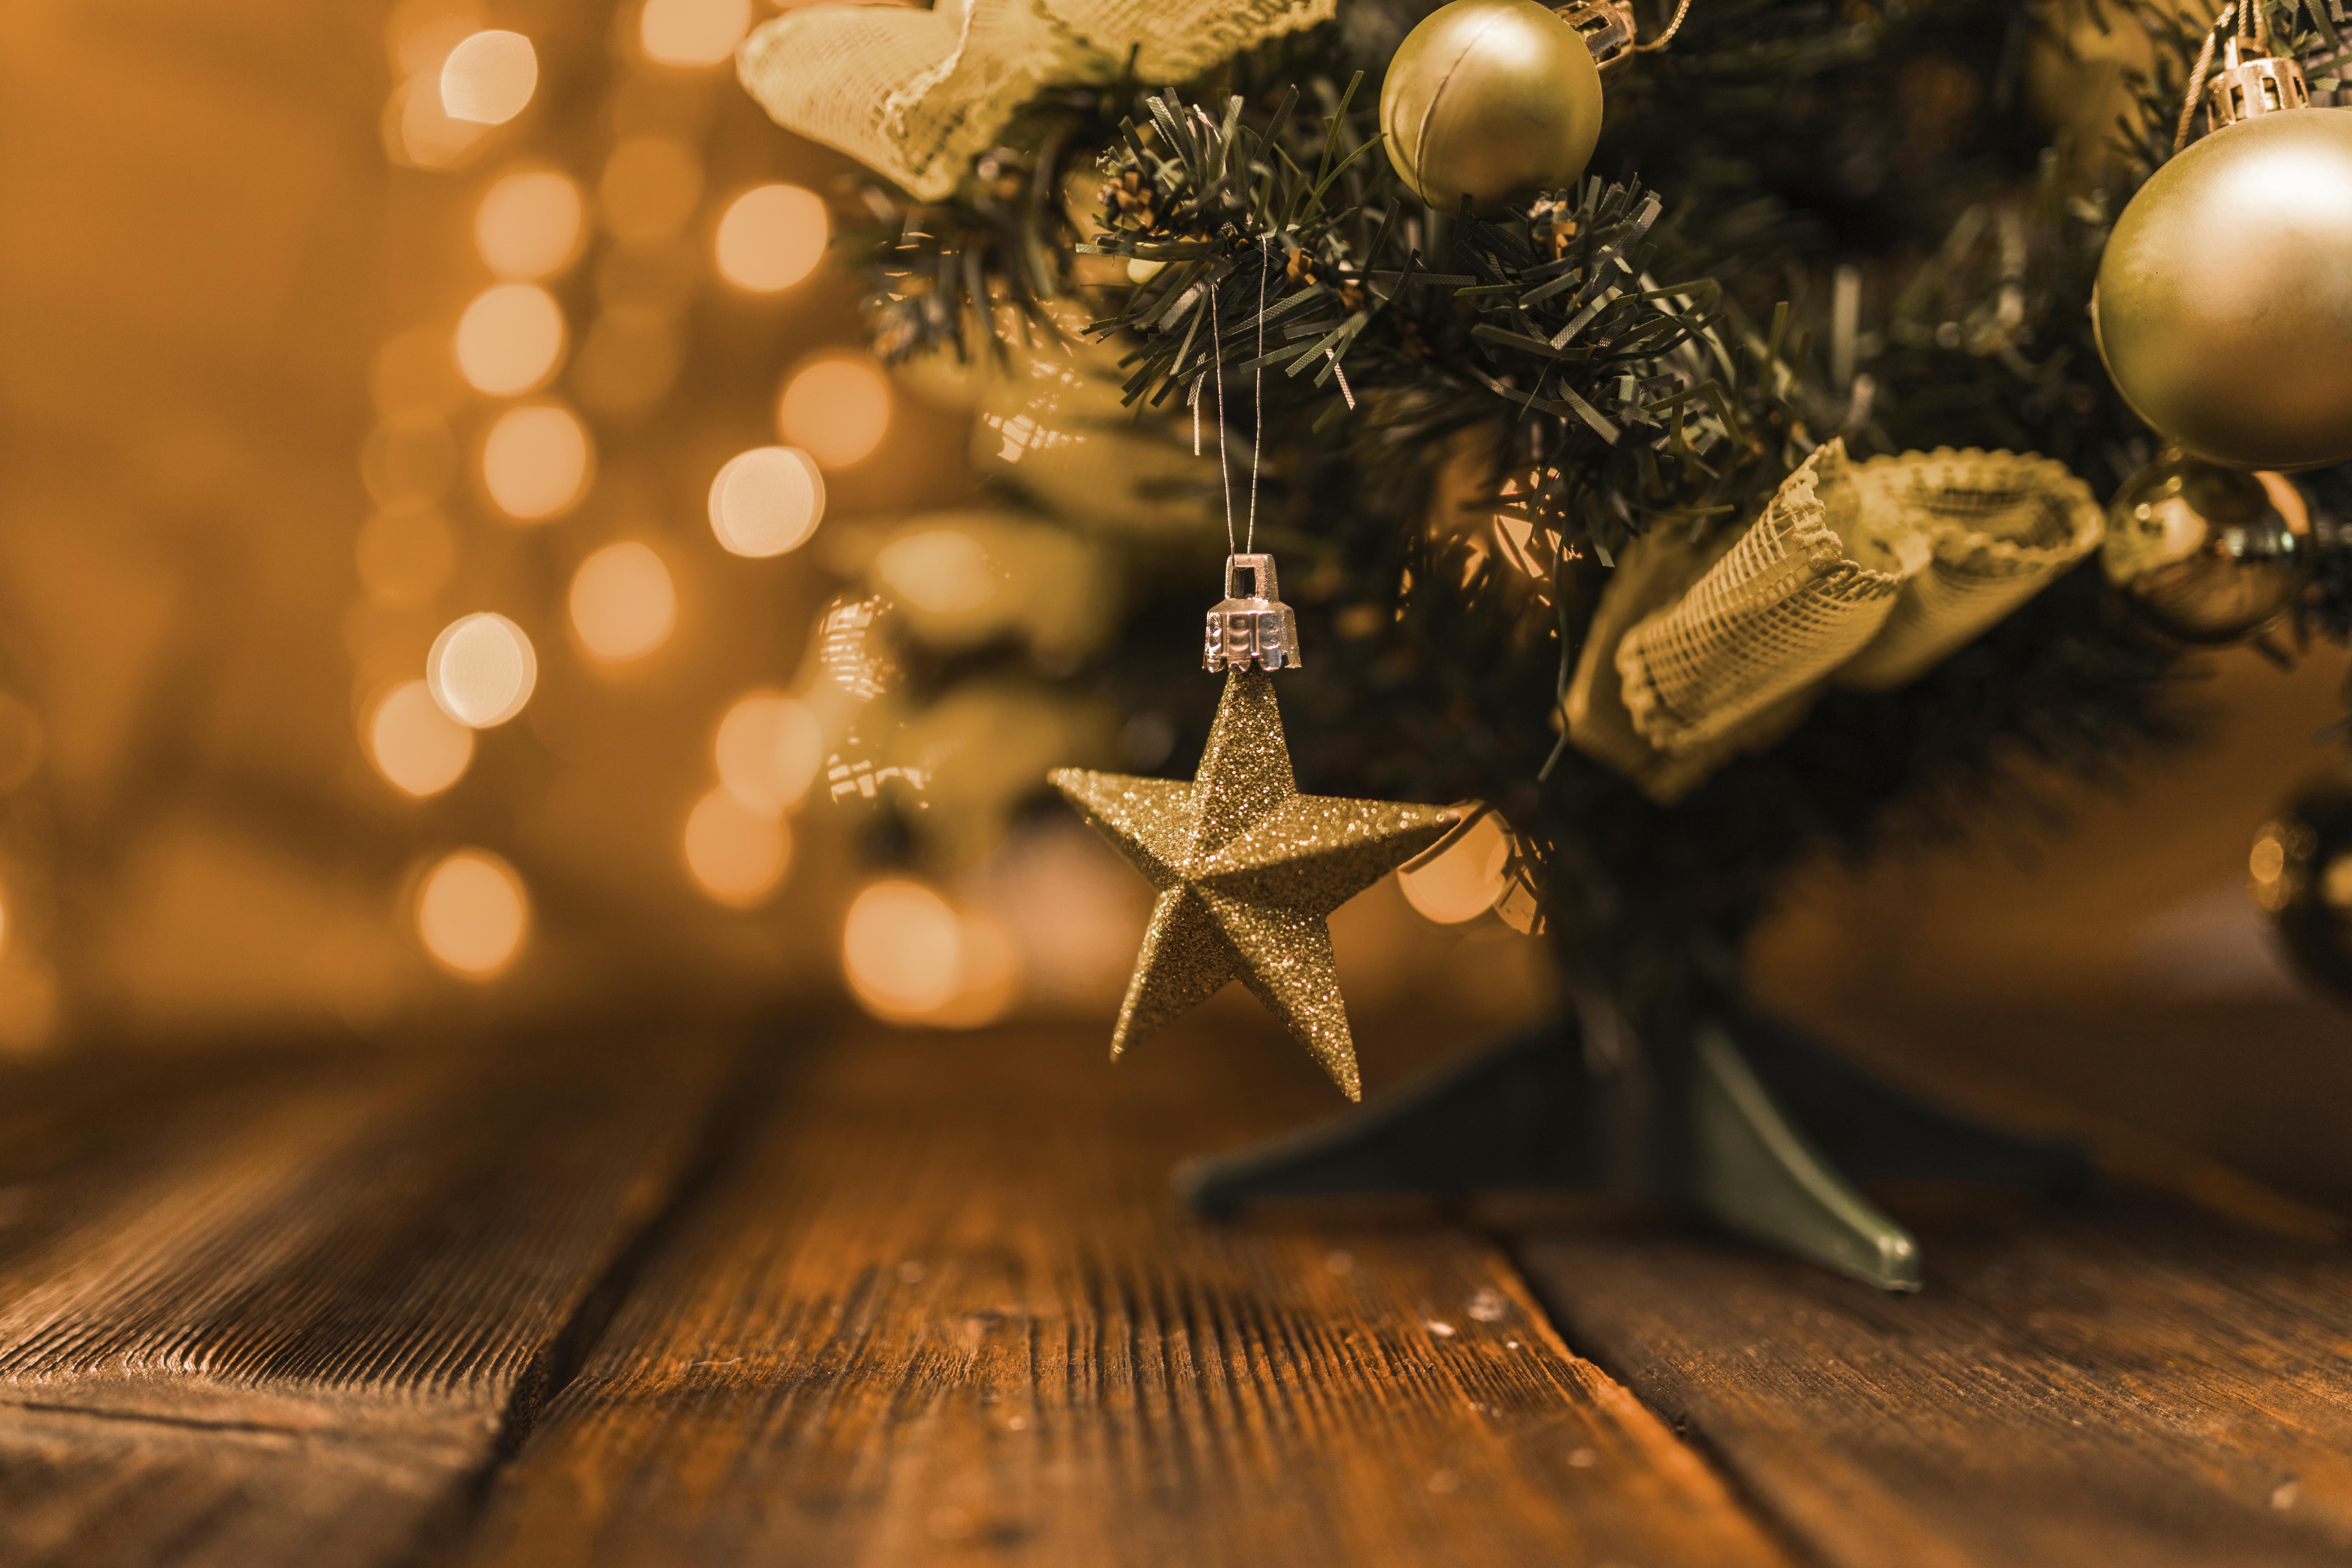 El árbol de Navidad en 2019